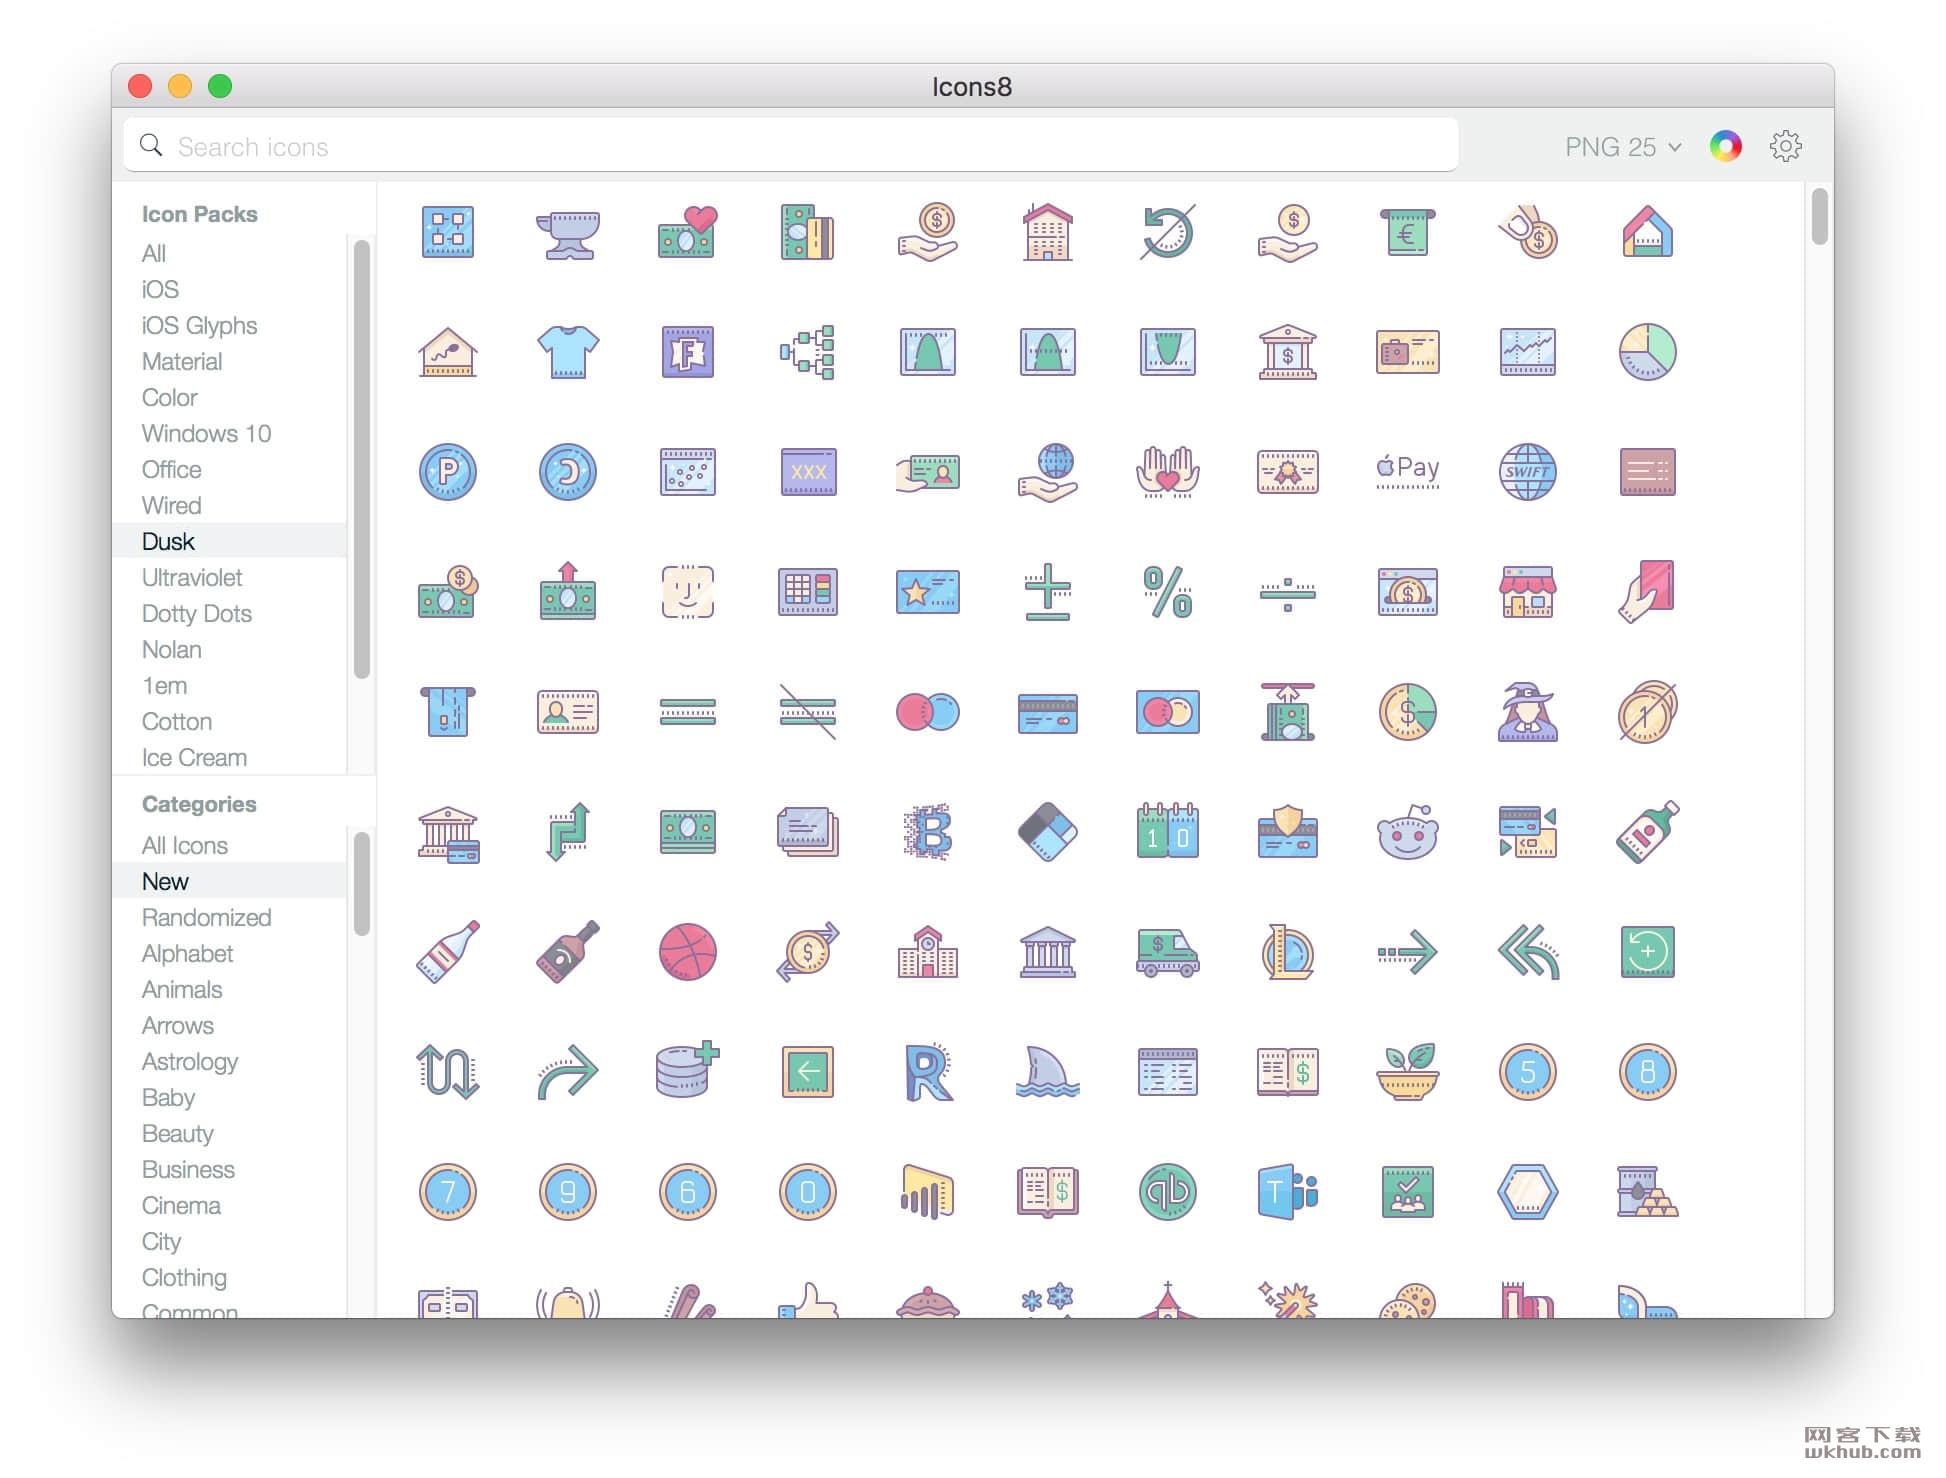 Icons8 5.6.7 方便的图标搜索工具